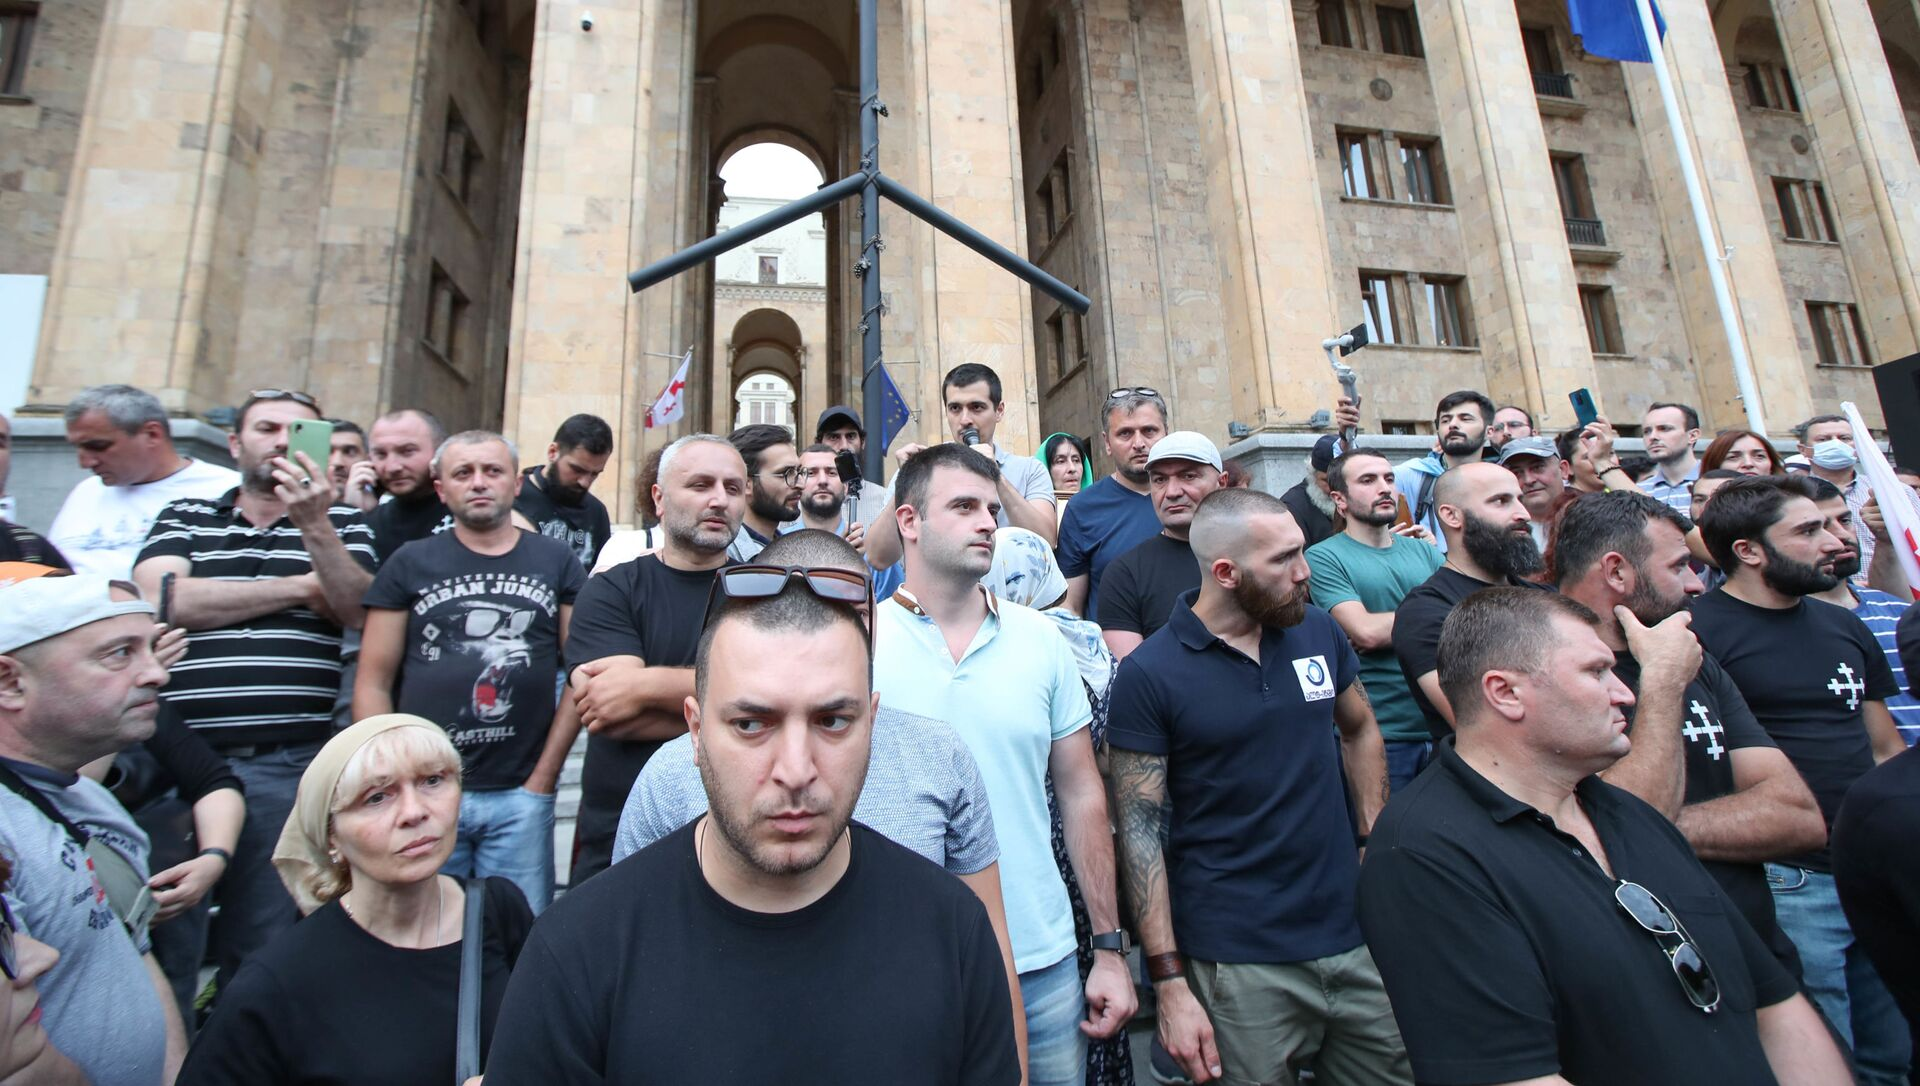 Активисты ортодоксы на акции у парламента против сторонников ЛГБТ  - Sputnik Грузия, 1920, 13.07.2021